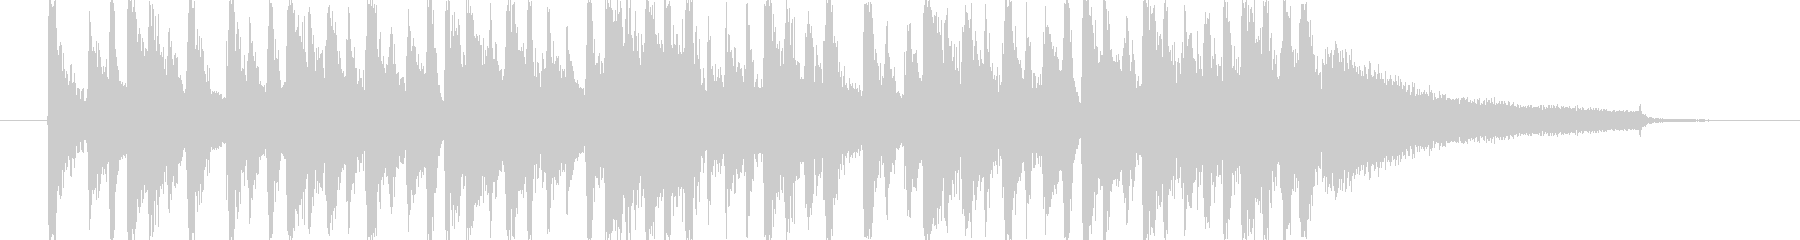 お洒落な感じのCMを想定した楽曲です。の未再生の波形